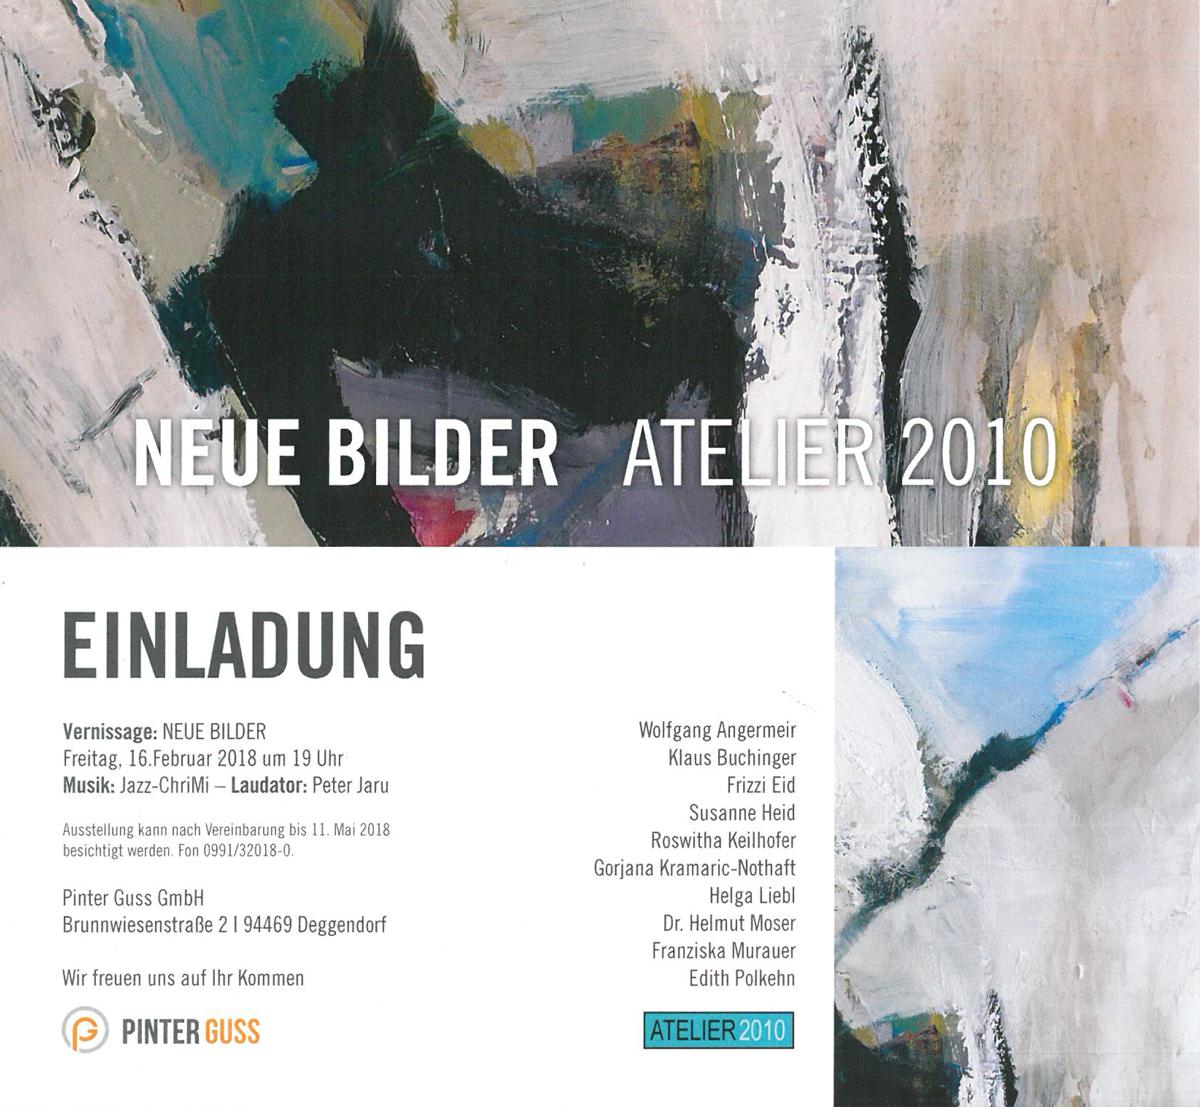 """16. Februar 2018: Vernissage zur Ausstellung derAteliergemeinschaft Plattling bei Pinter Guss. Thema: """"Neue Bilder"""". Es werden insgesamt 72 Bilder der Künstlergruppe ausgestellt."""